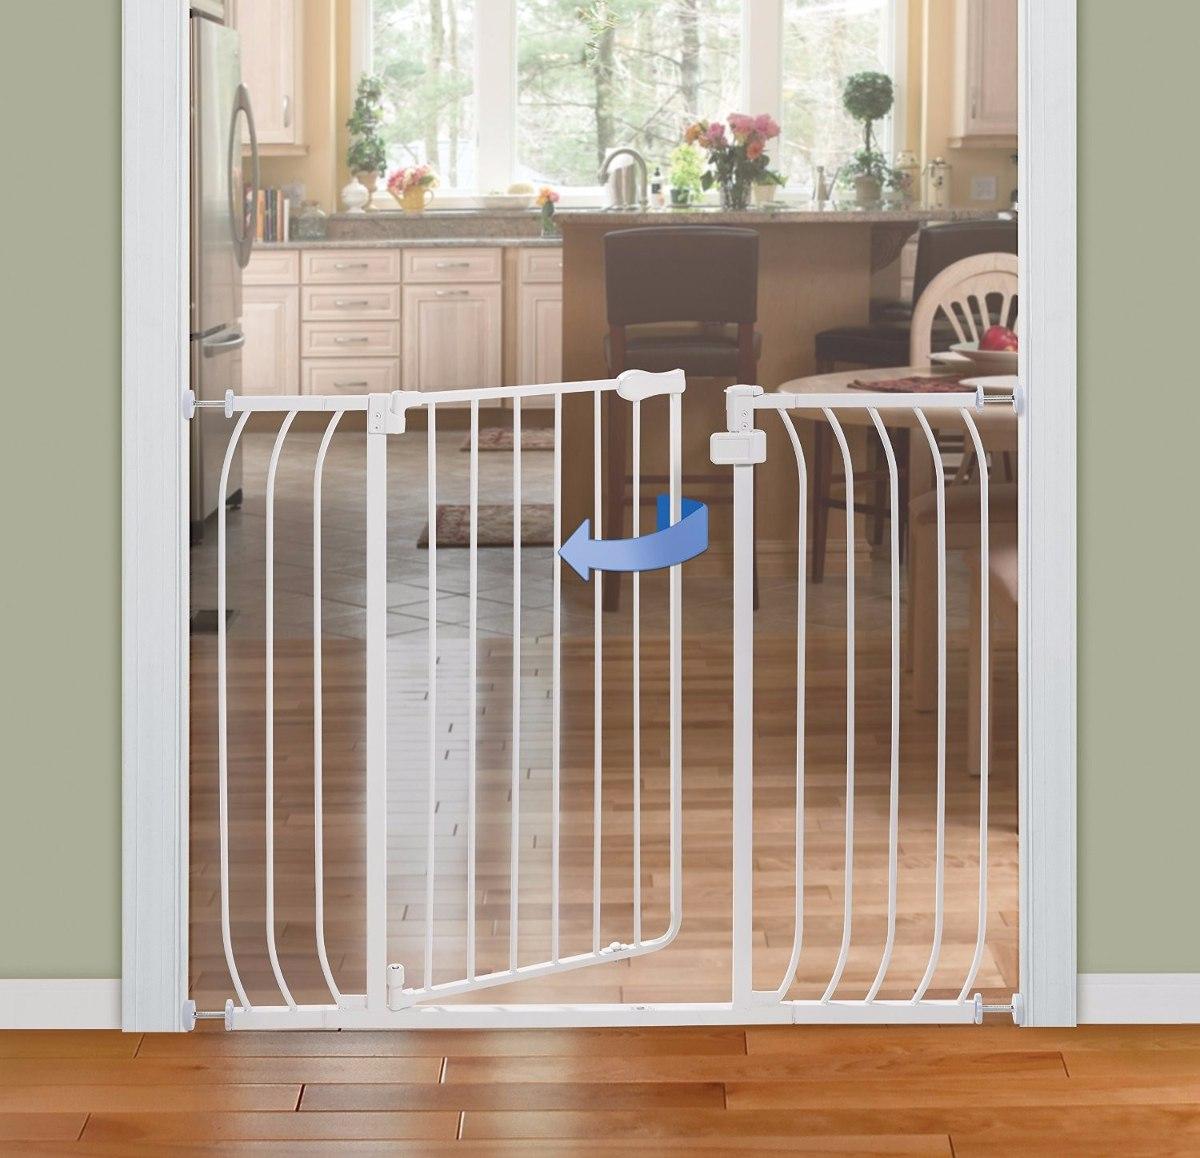 Reja de seguridad barandal puerta escalera para bebe k - Seguro para puertas bebe ...